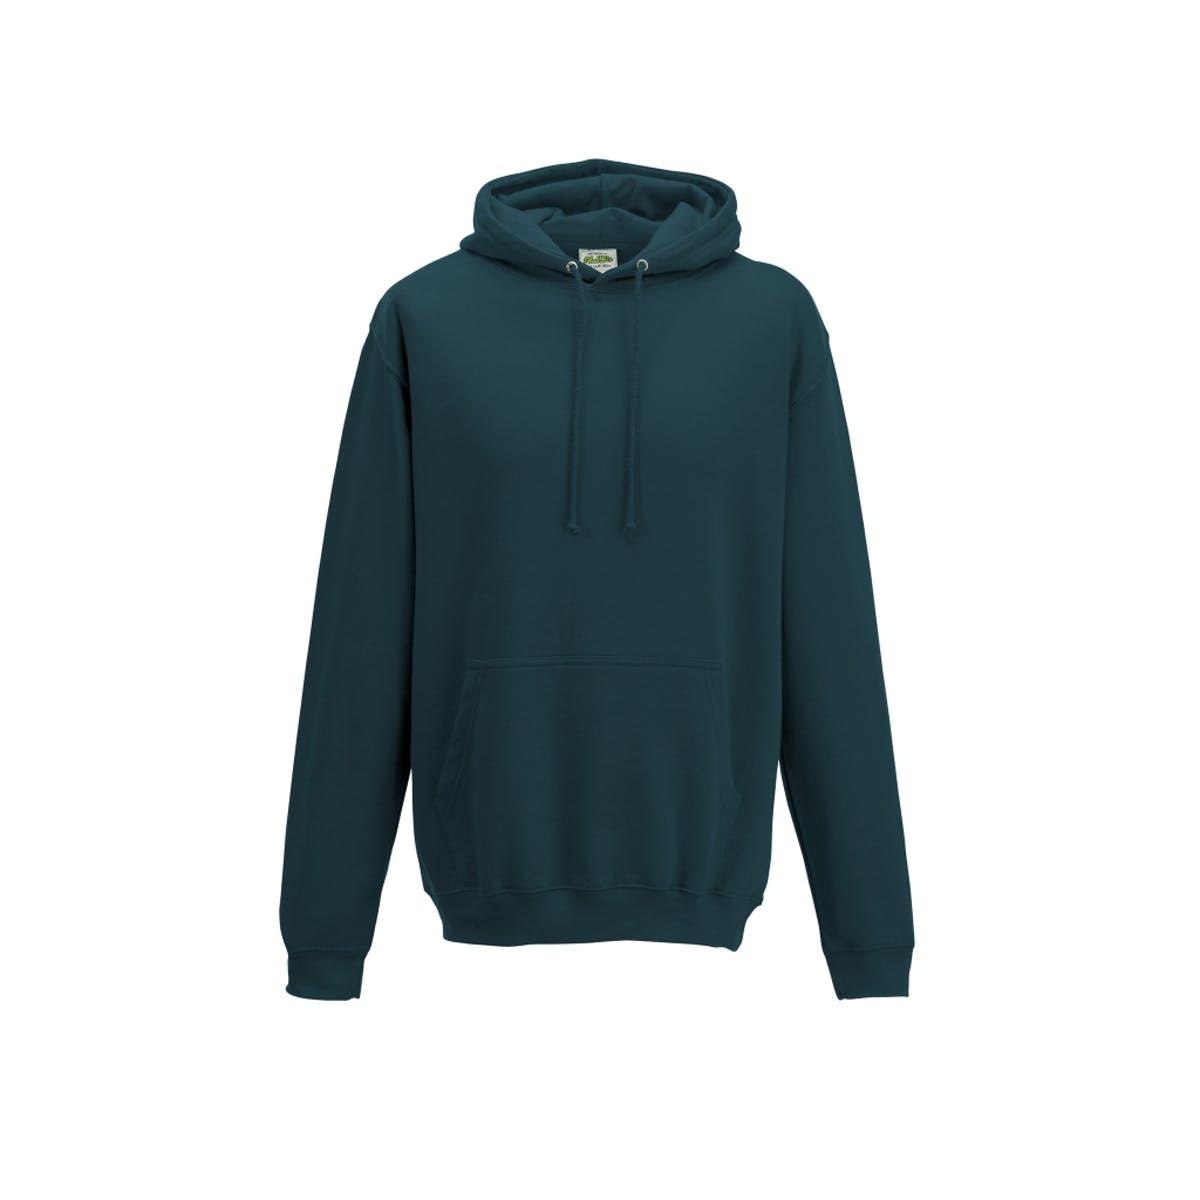 deep sea blue college hoodies